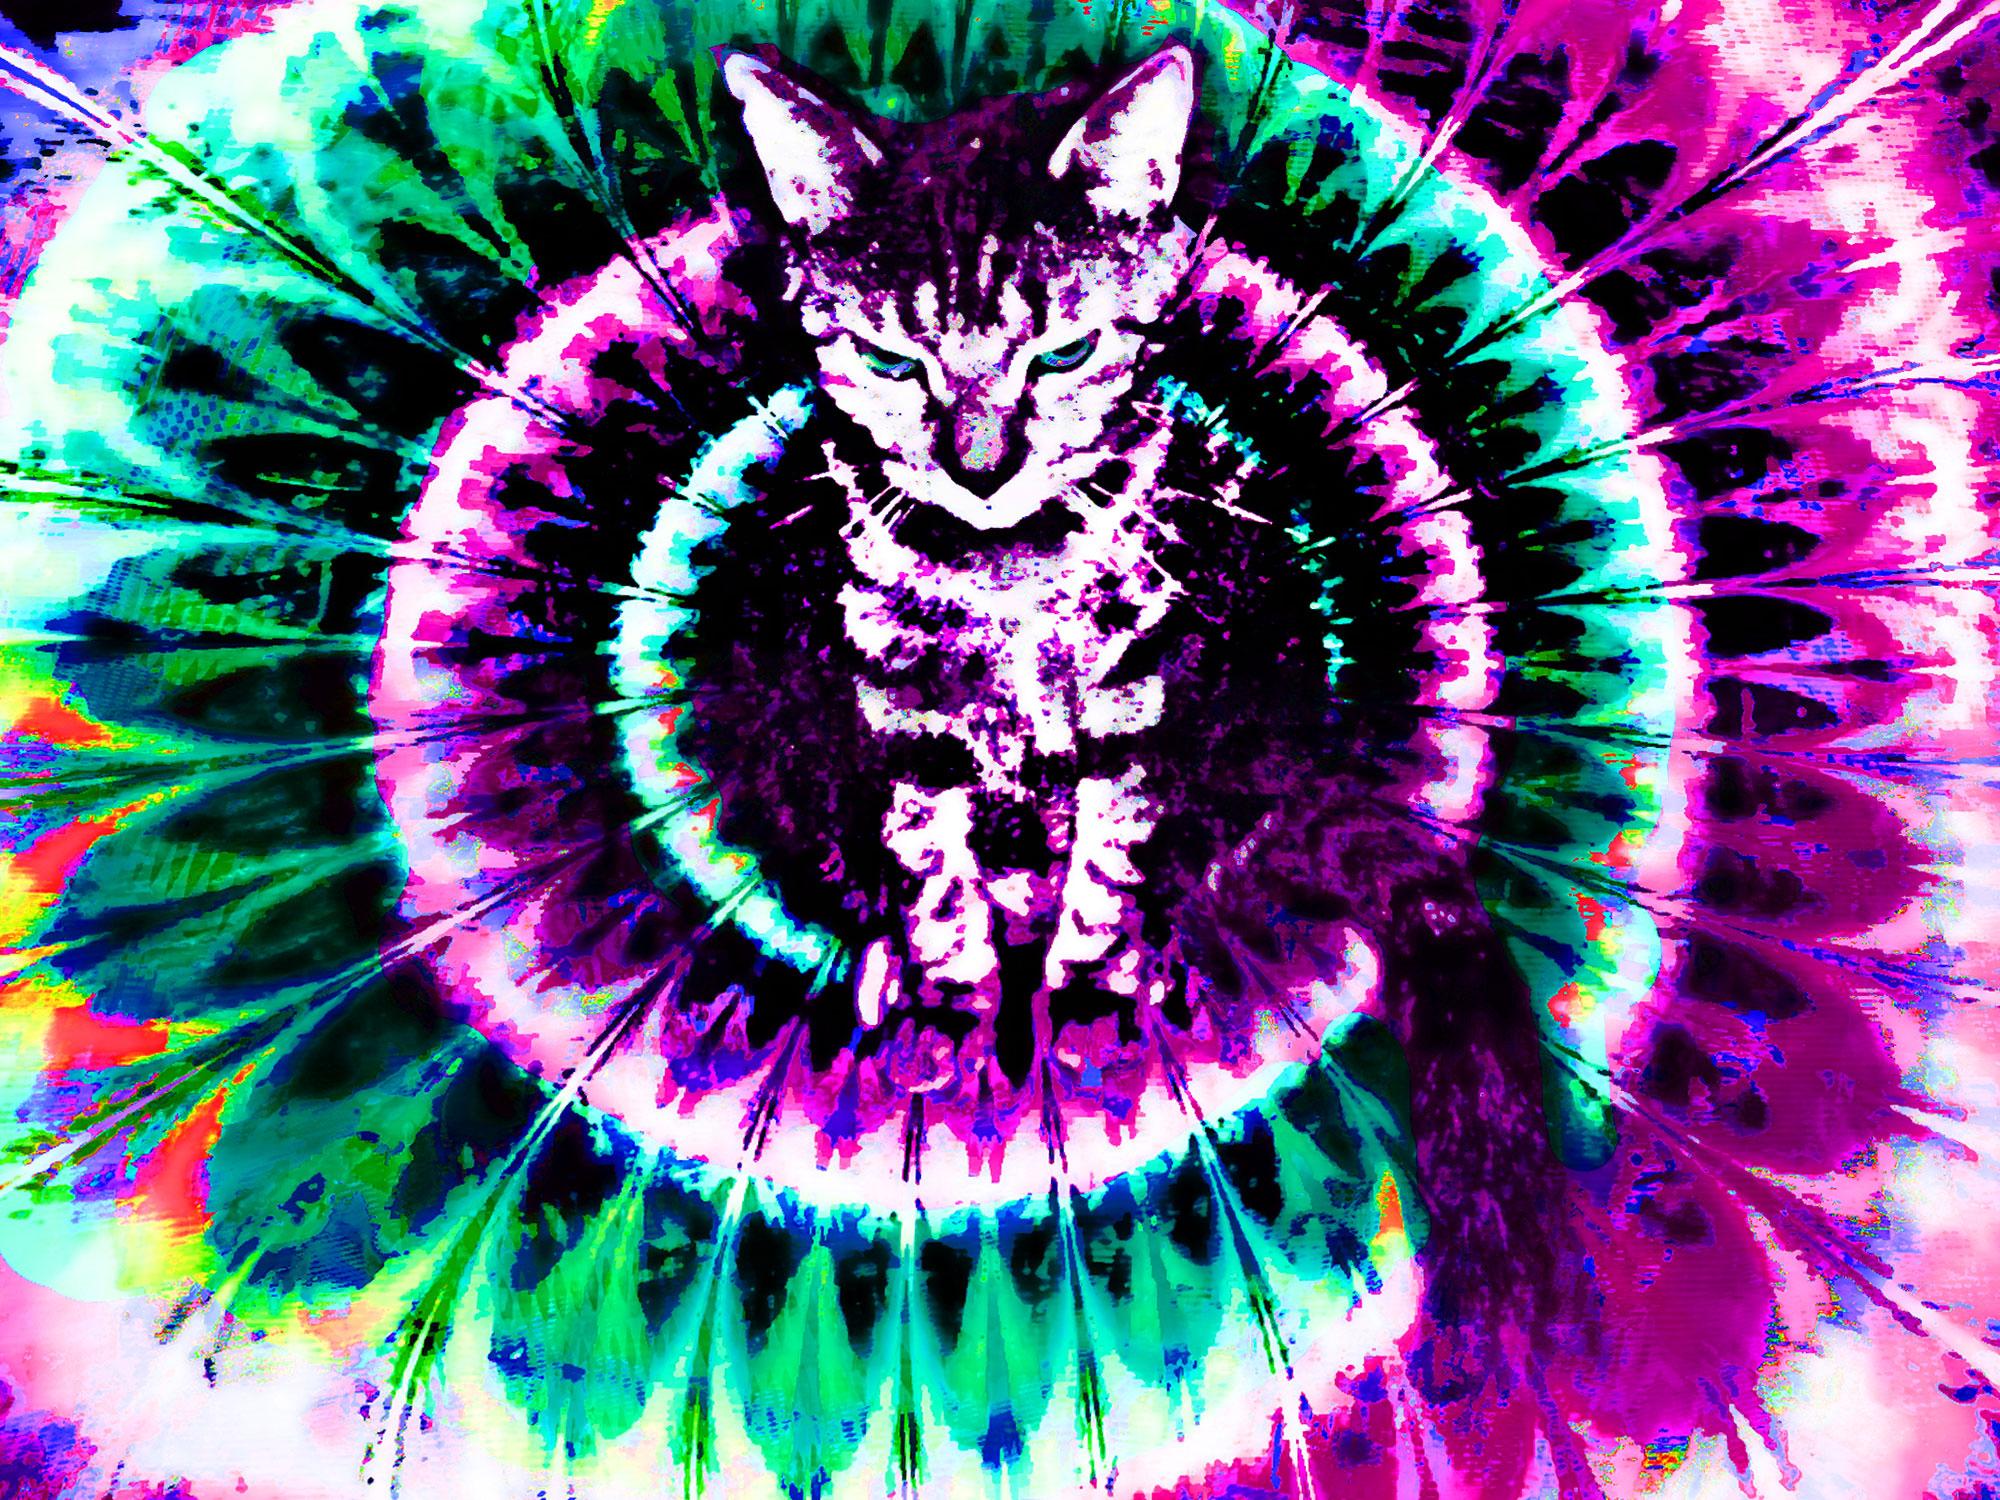 trippy cat wallpaper hd -#main